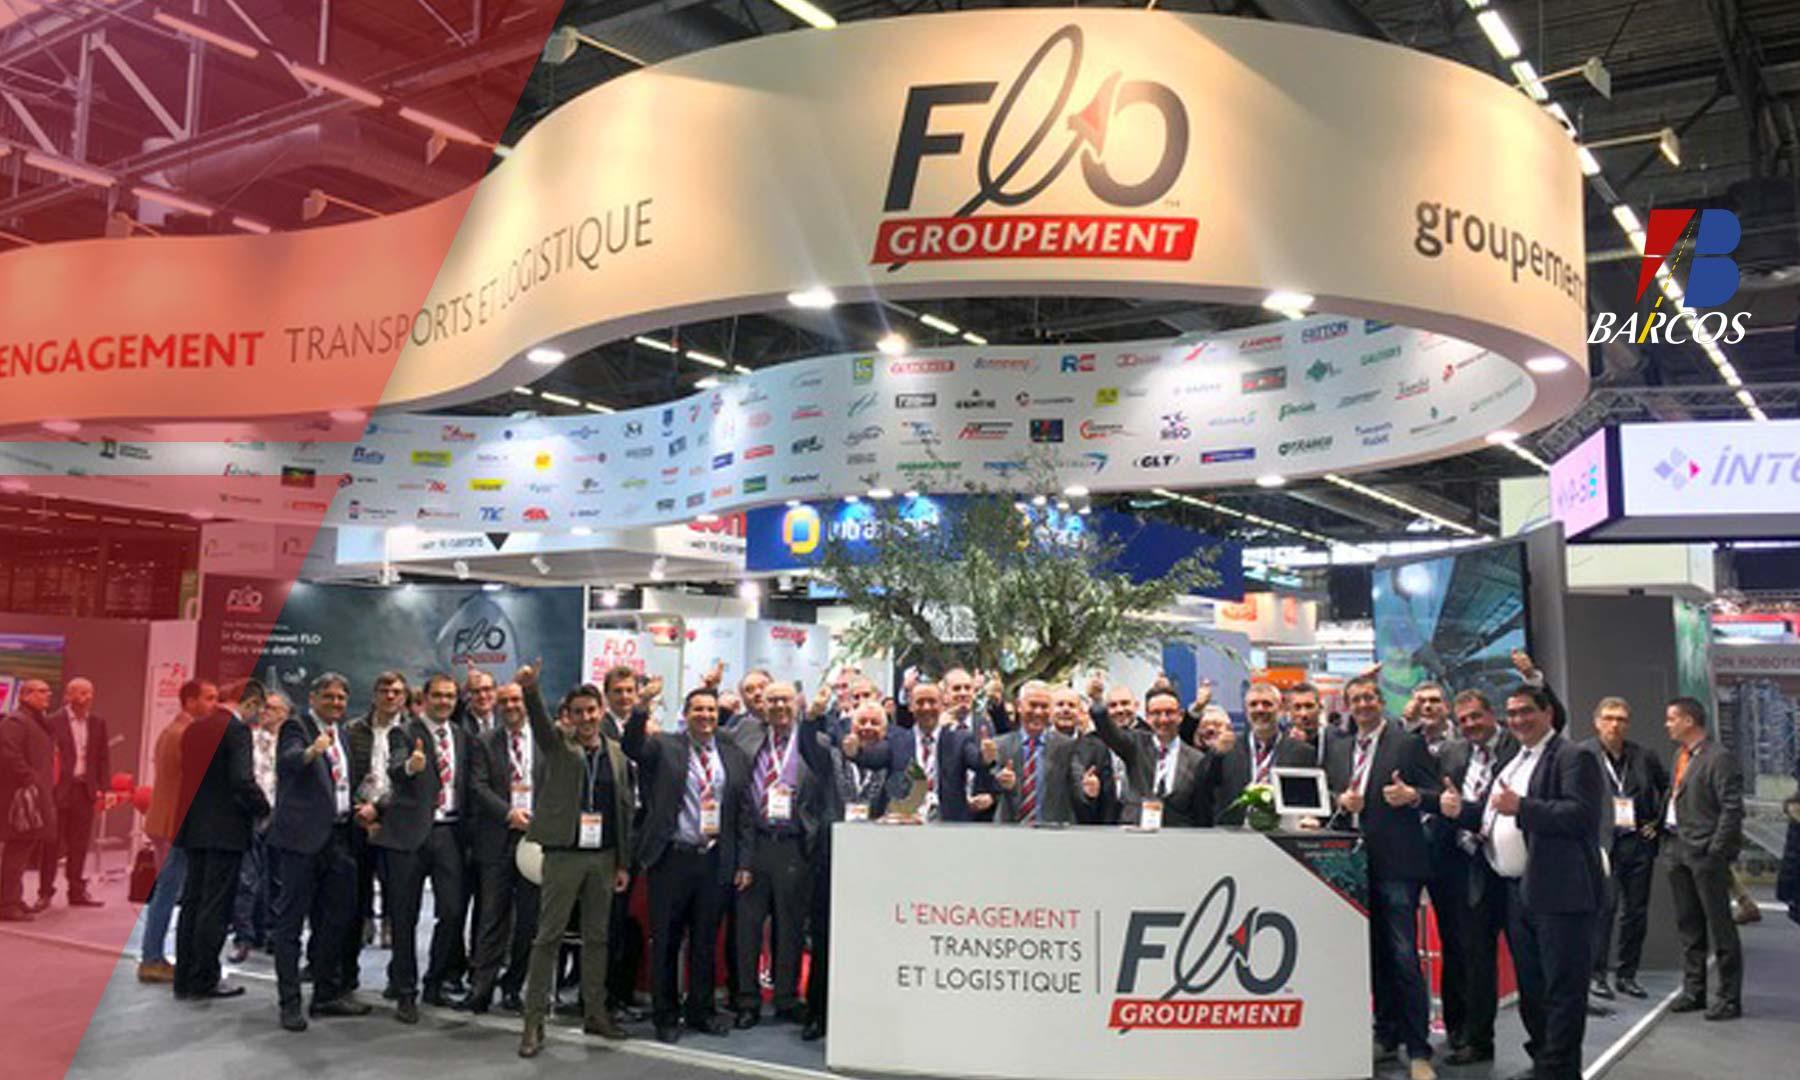 Les entreprises du Groupement FLO à la SITL